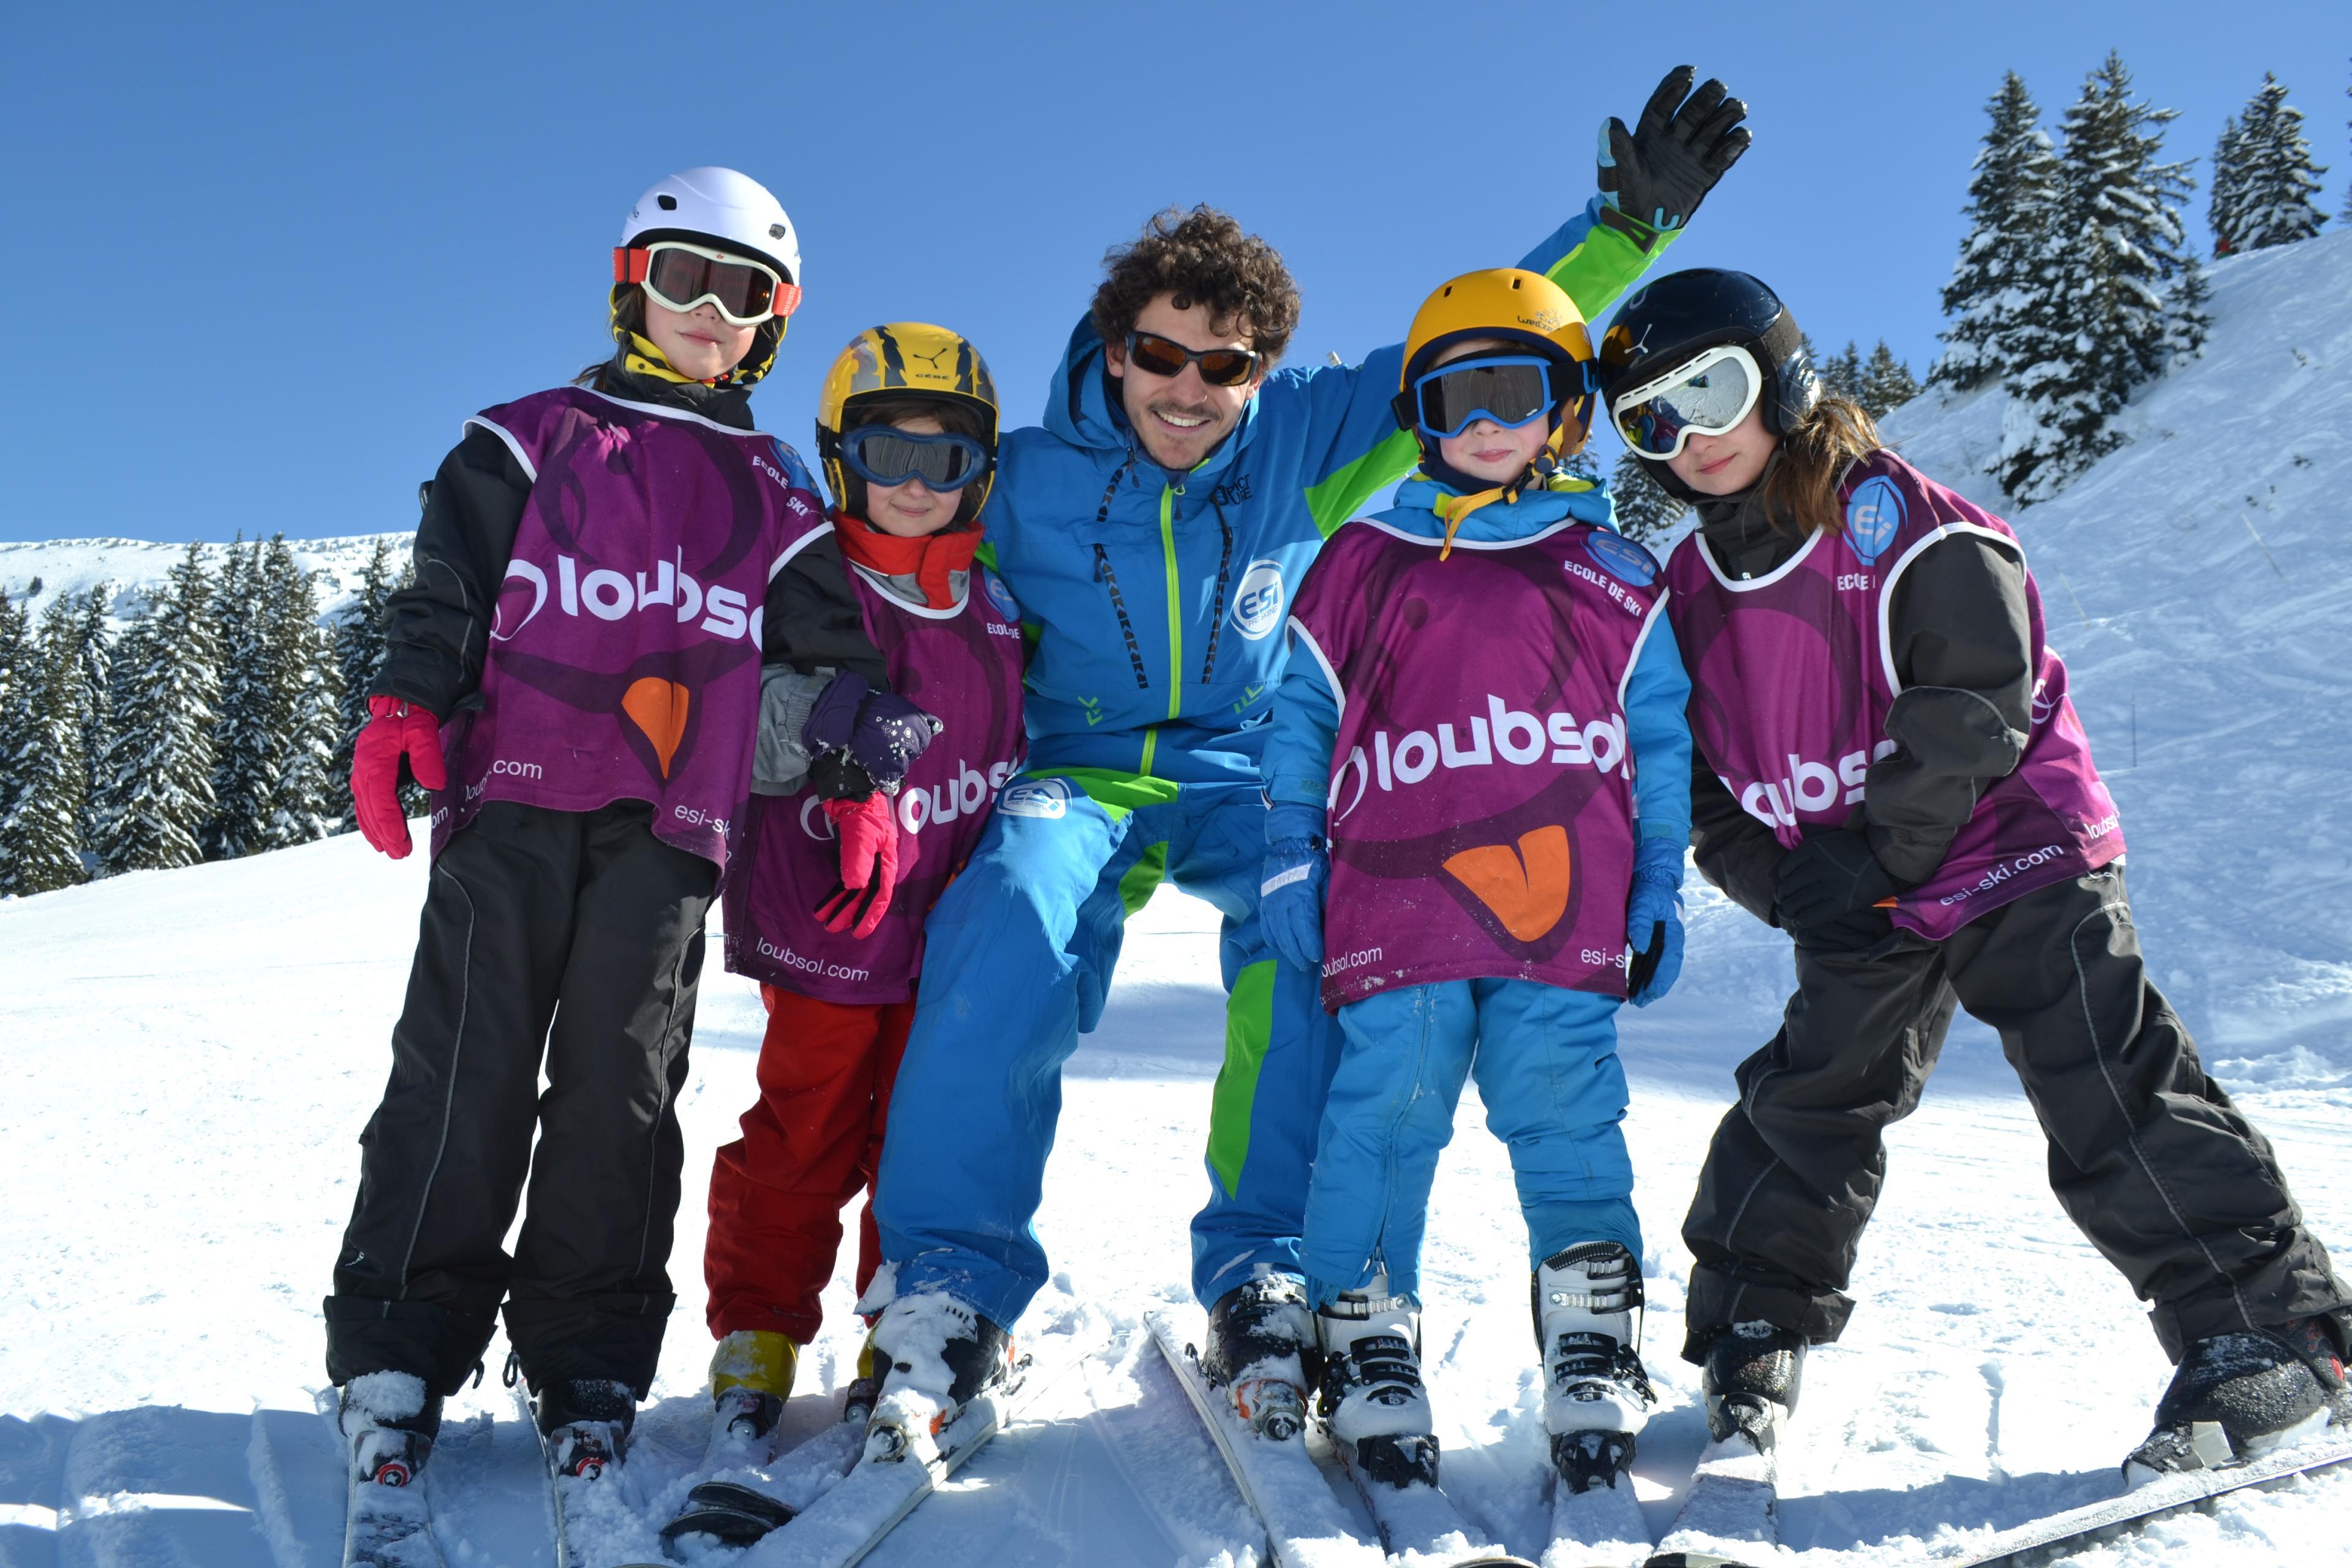 Cours de ski Enfants (6-12 ans) - Basse saison